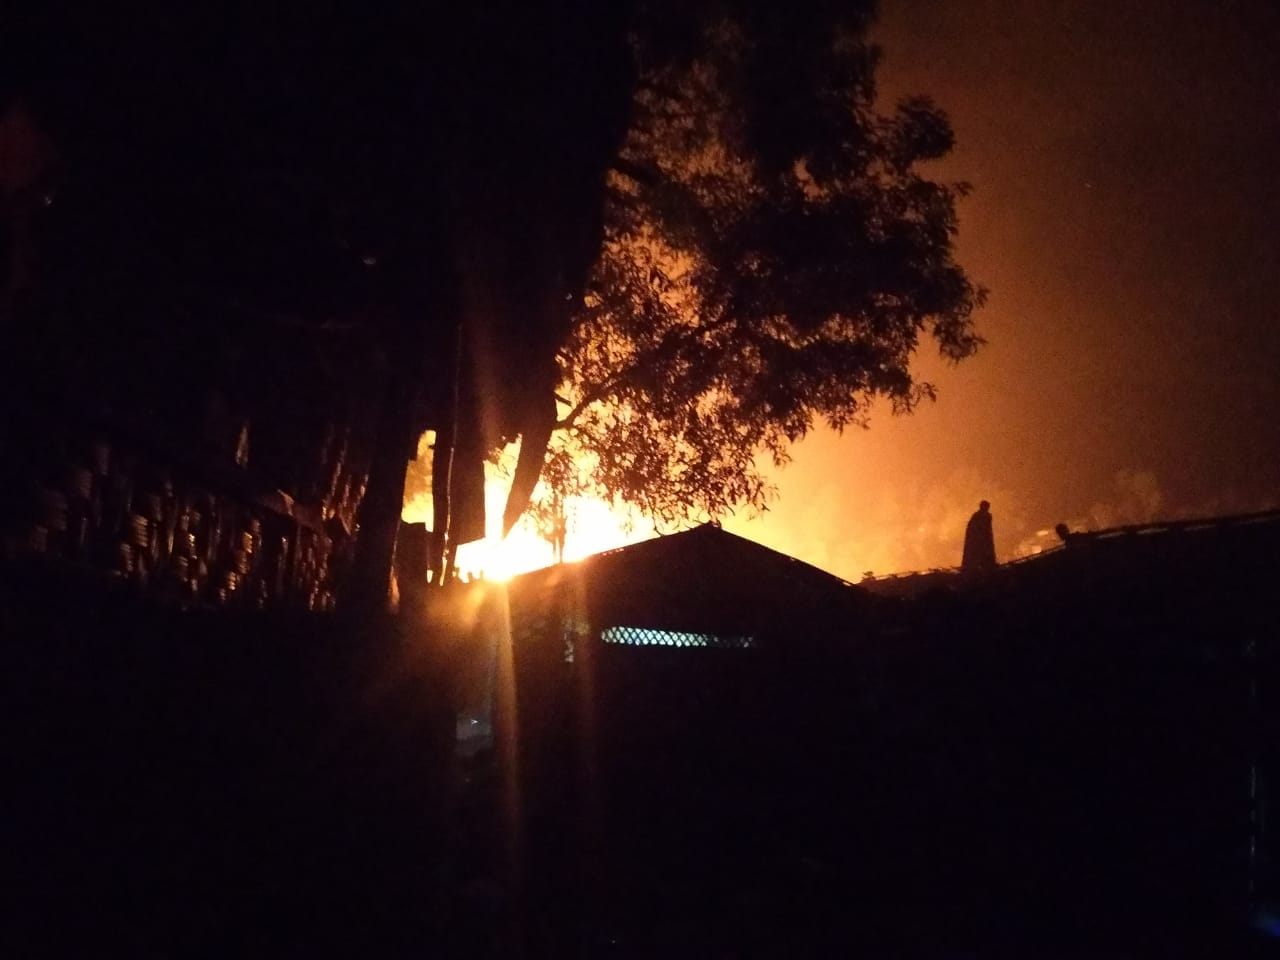 بنغلادش.. حريق جديد يدمر 4 مراكز تعليمية ويعطل العديد من الملاجئ